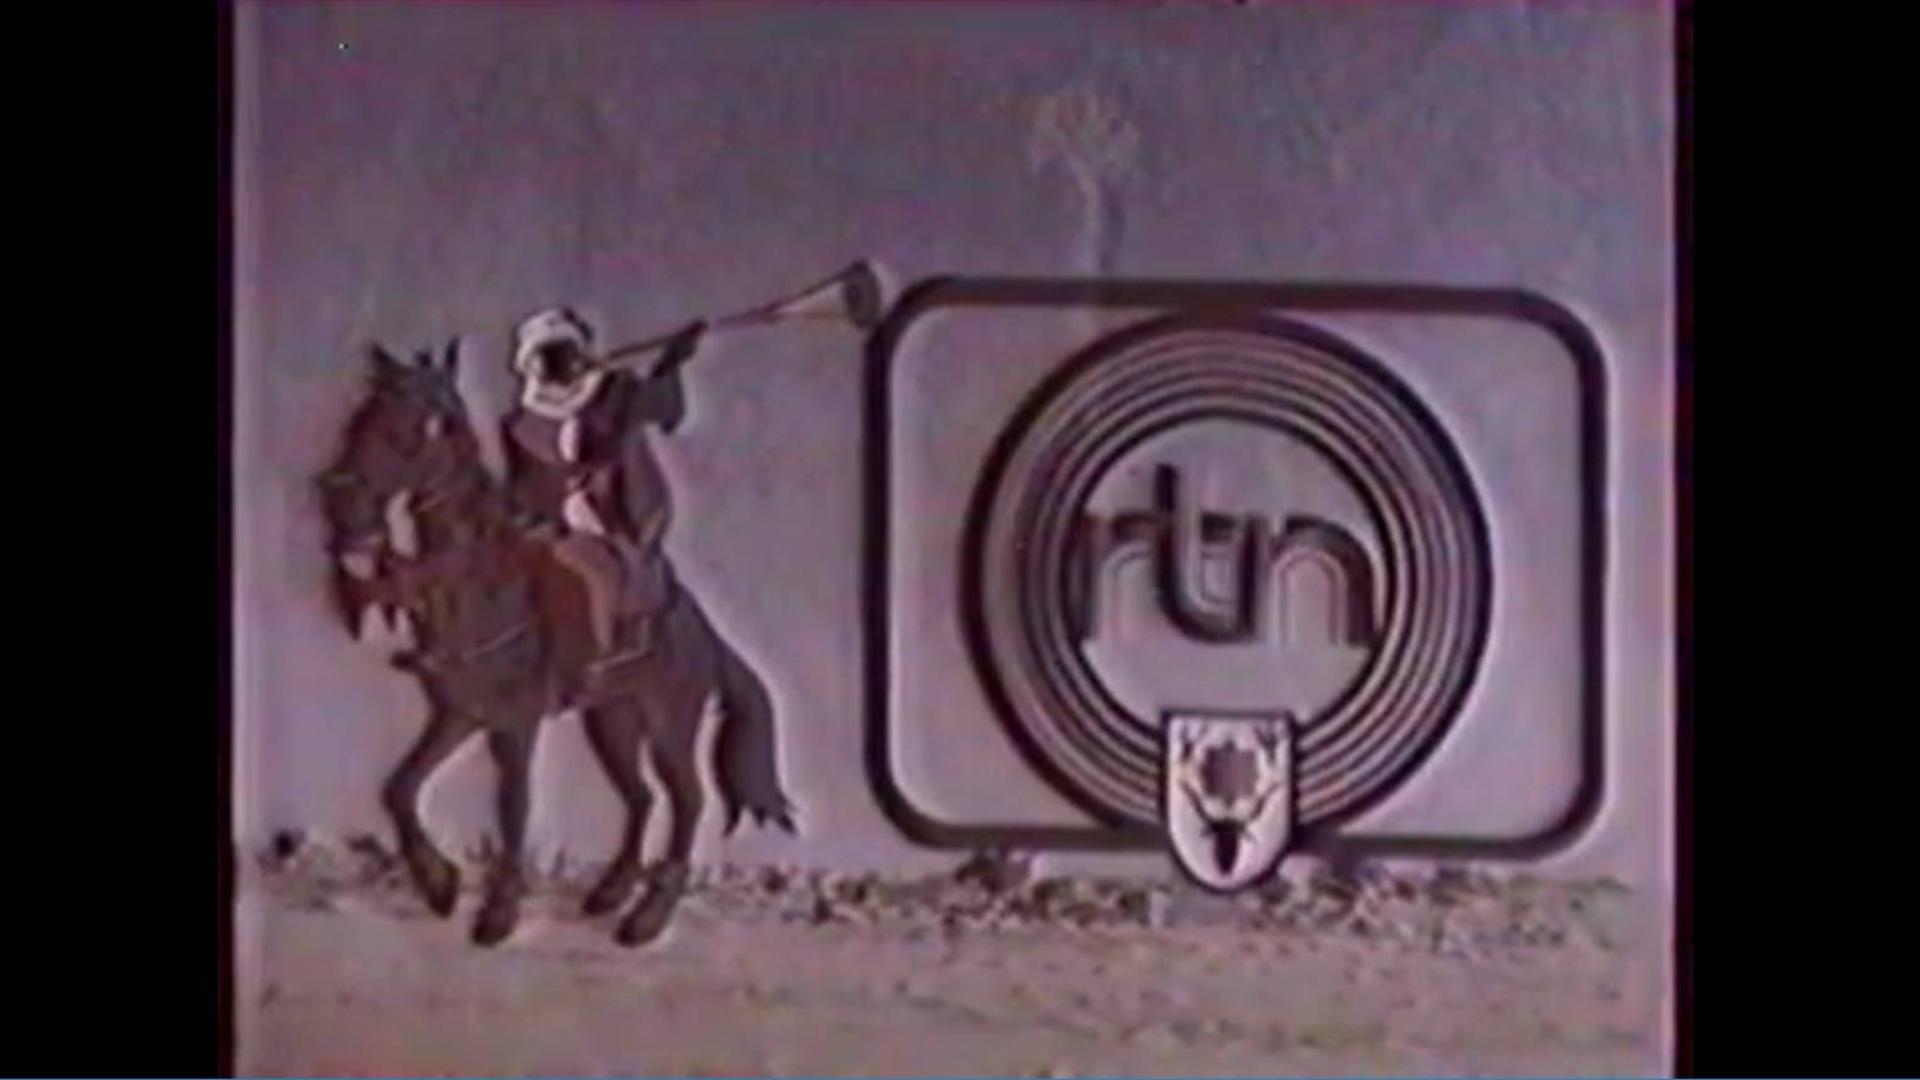 尼日尔萨赫勒电视台(Tele Sahel)开台、节目预告、广告、部分节目OP、闭台等 1993.11